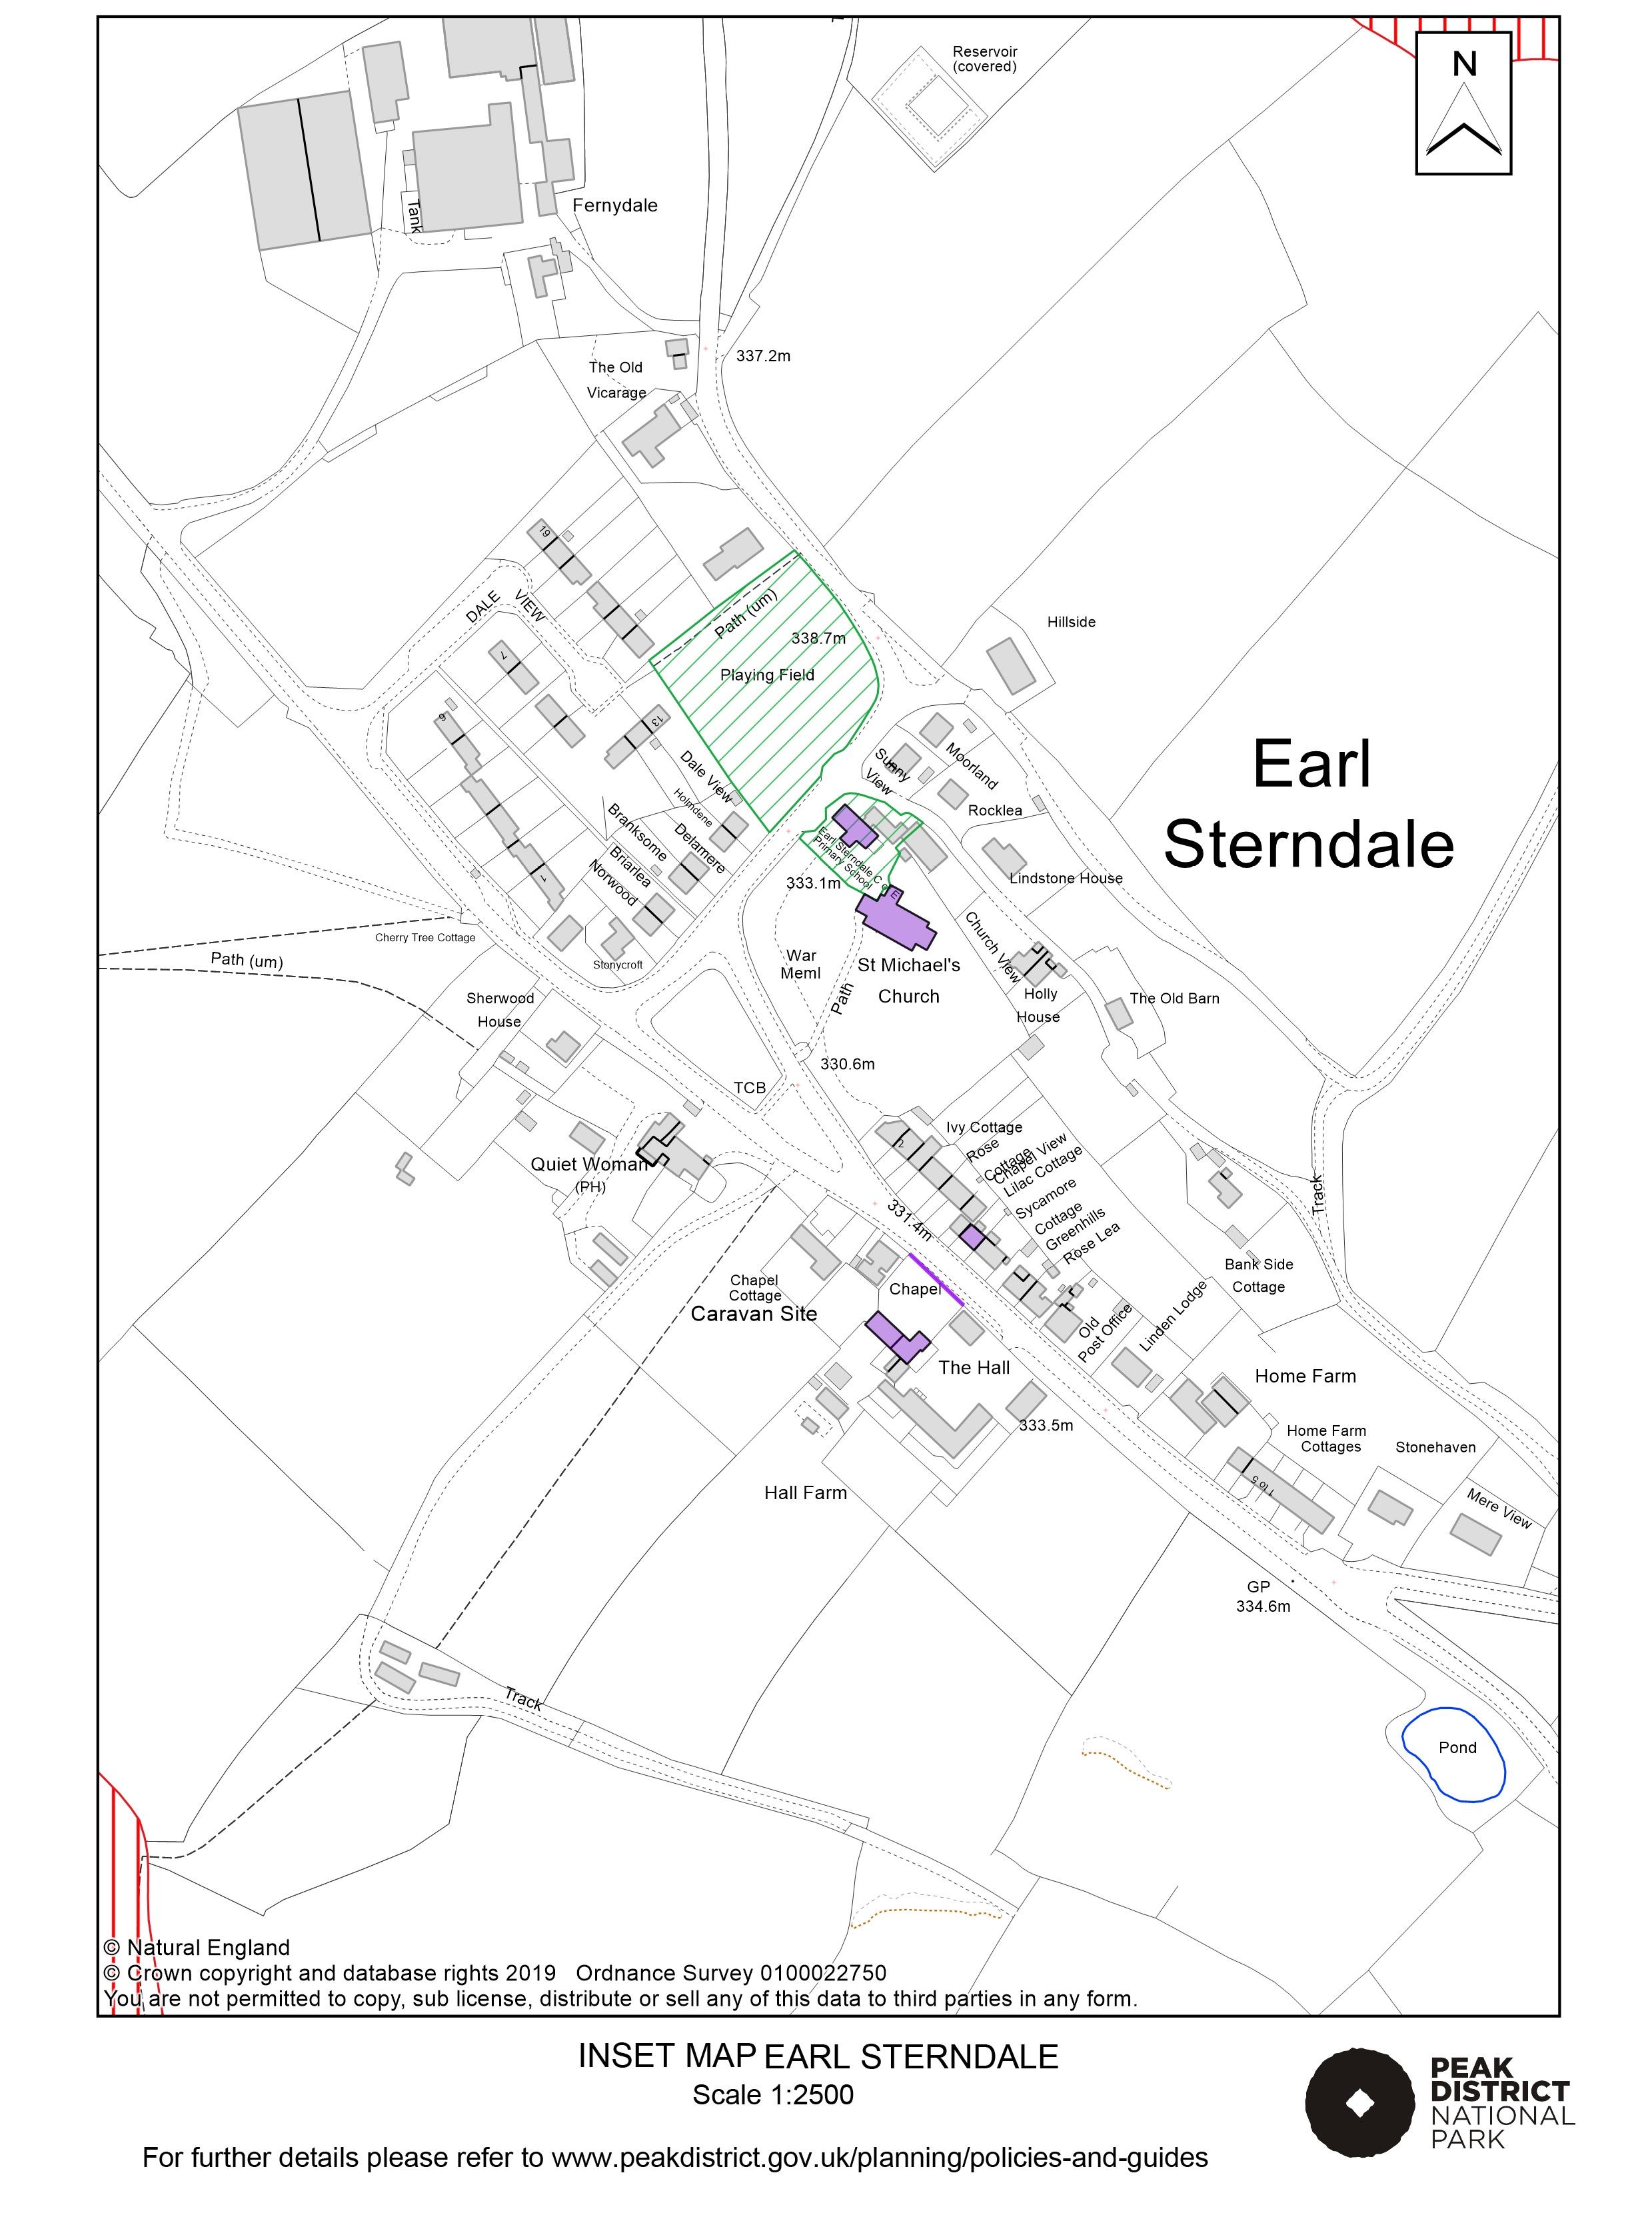 Earl Sterndale